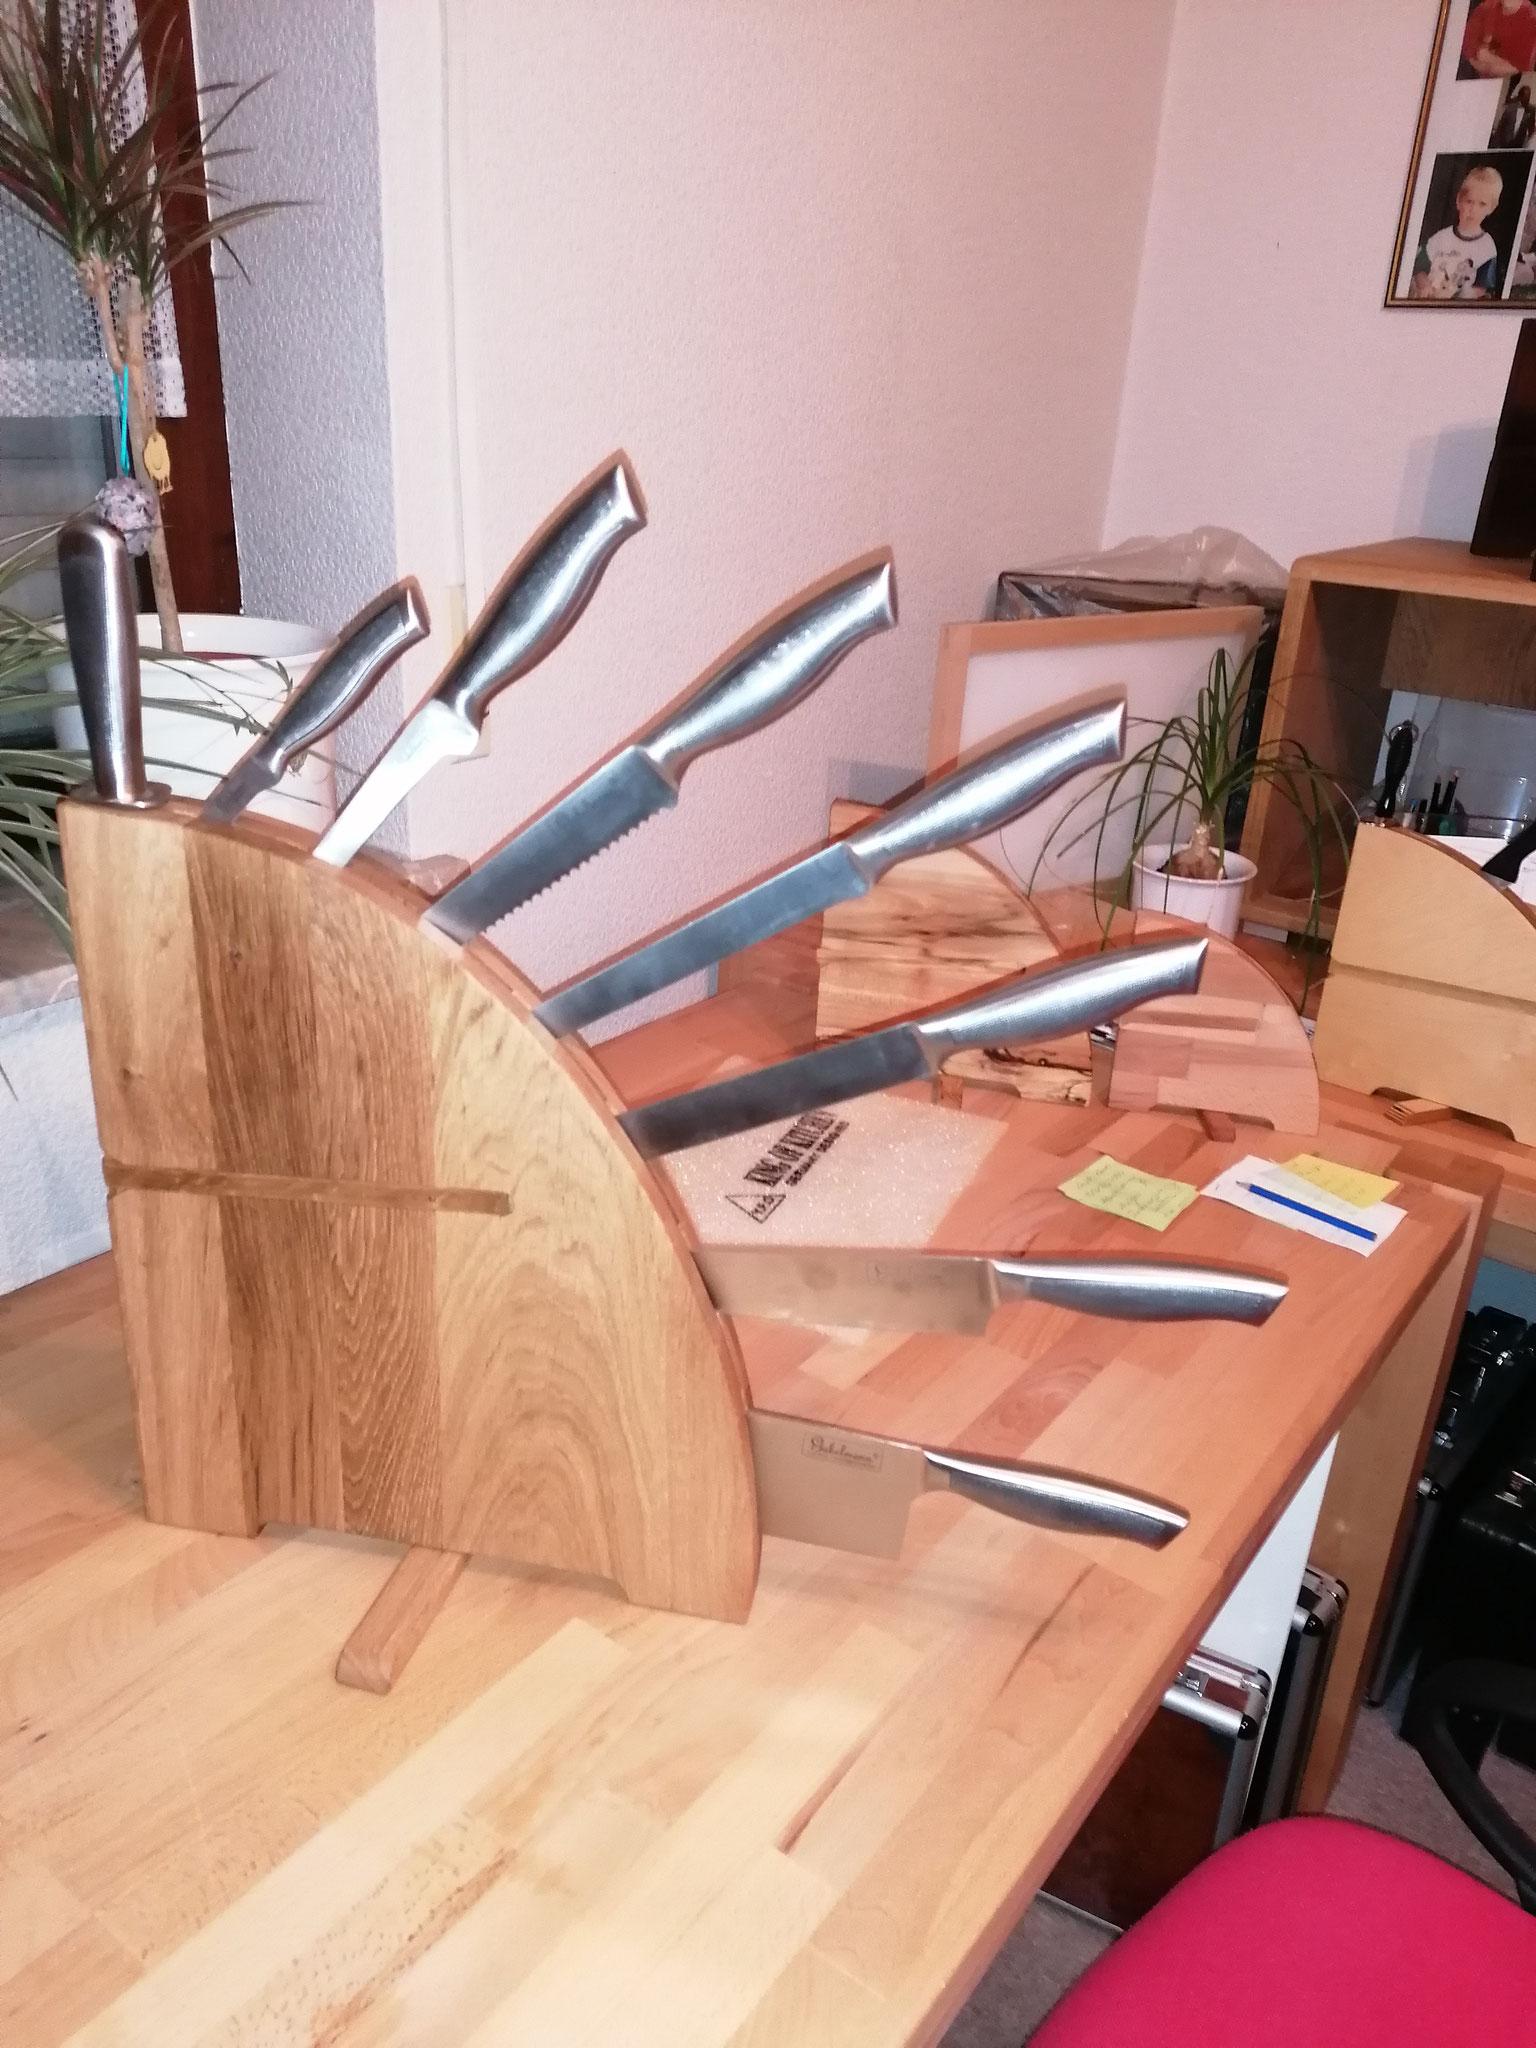 Sonderanfertigung für mehr Messer nach Kundenvorgabe